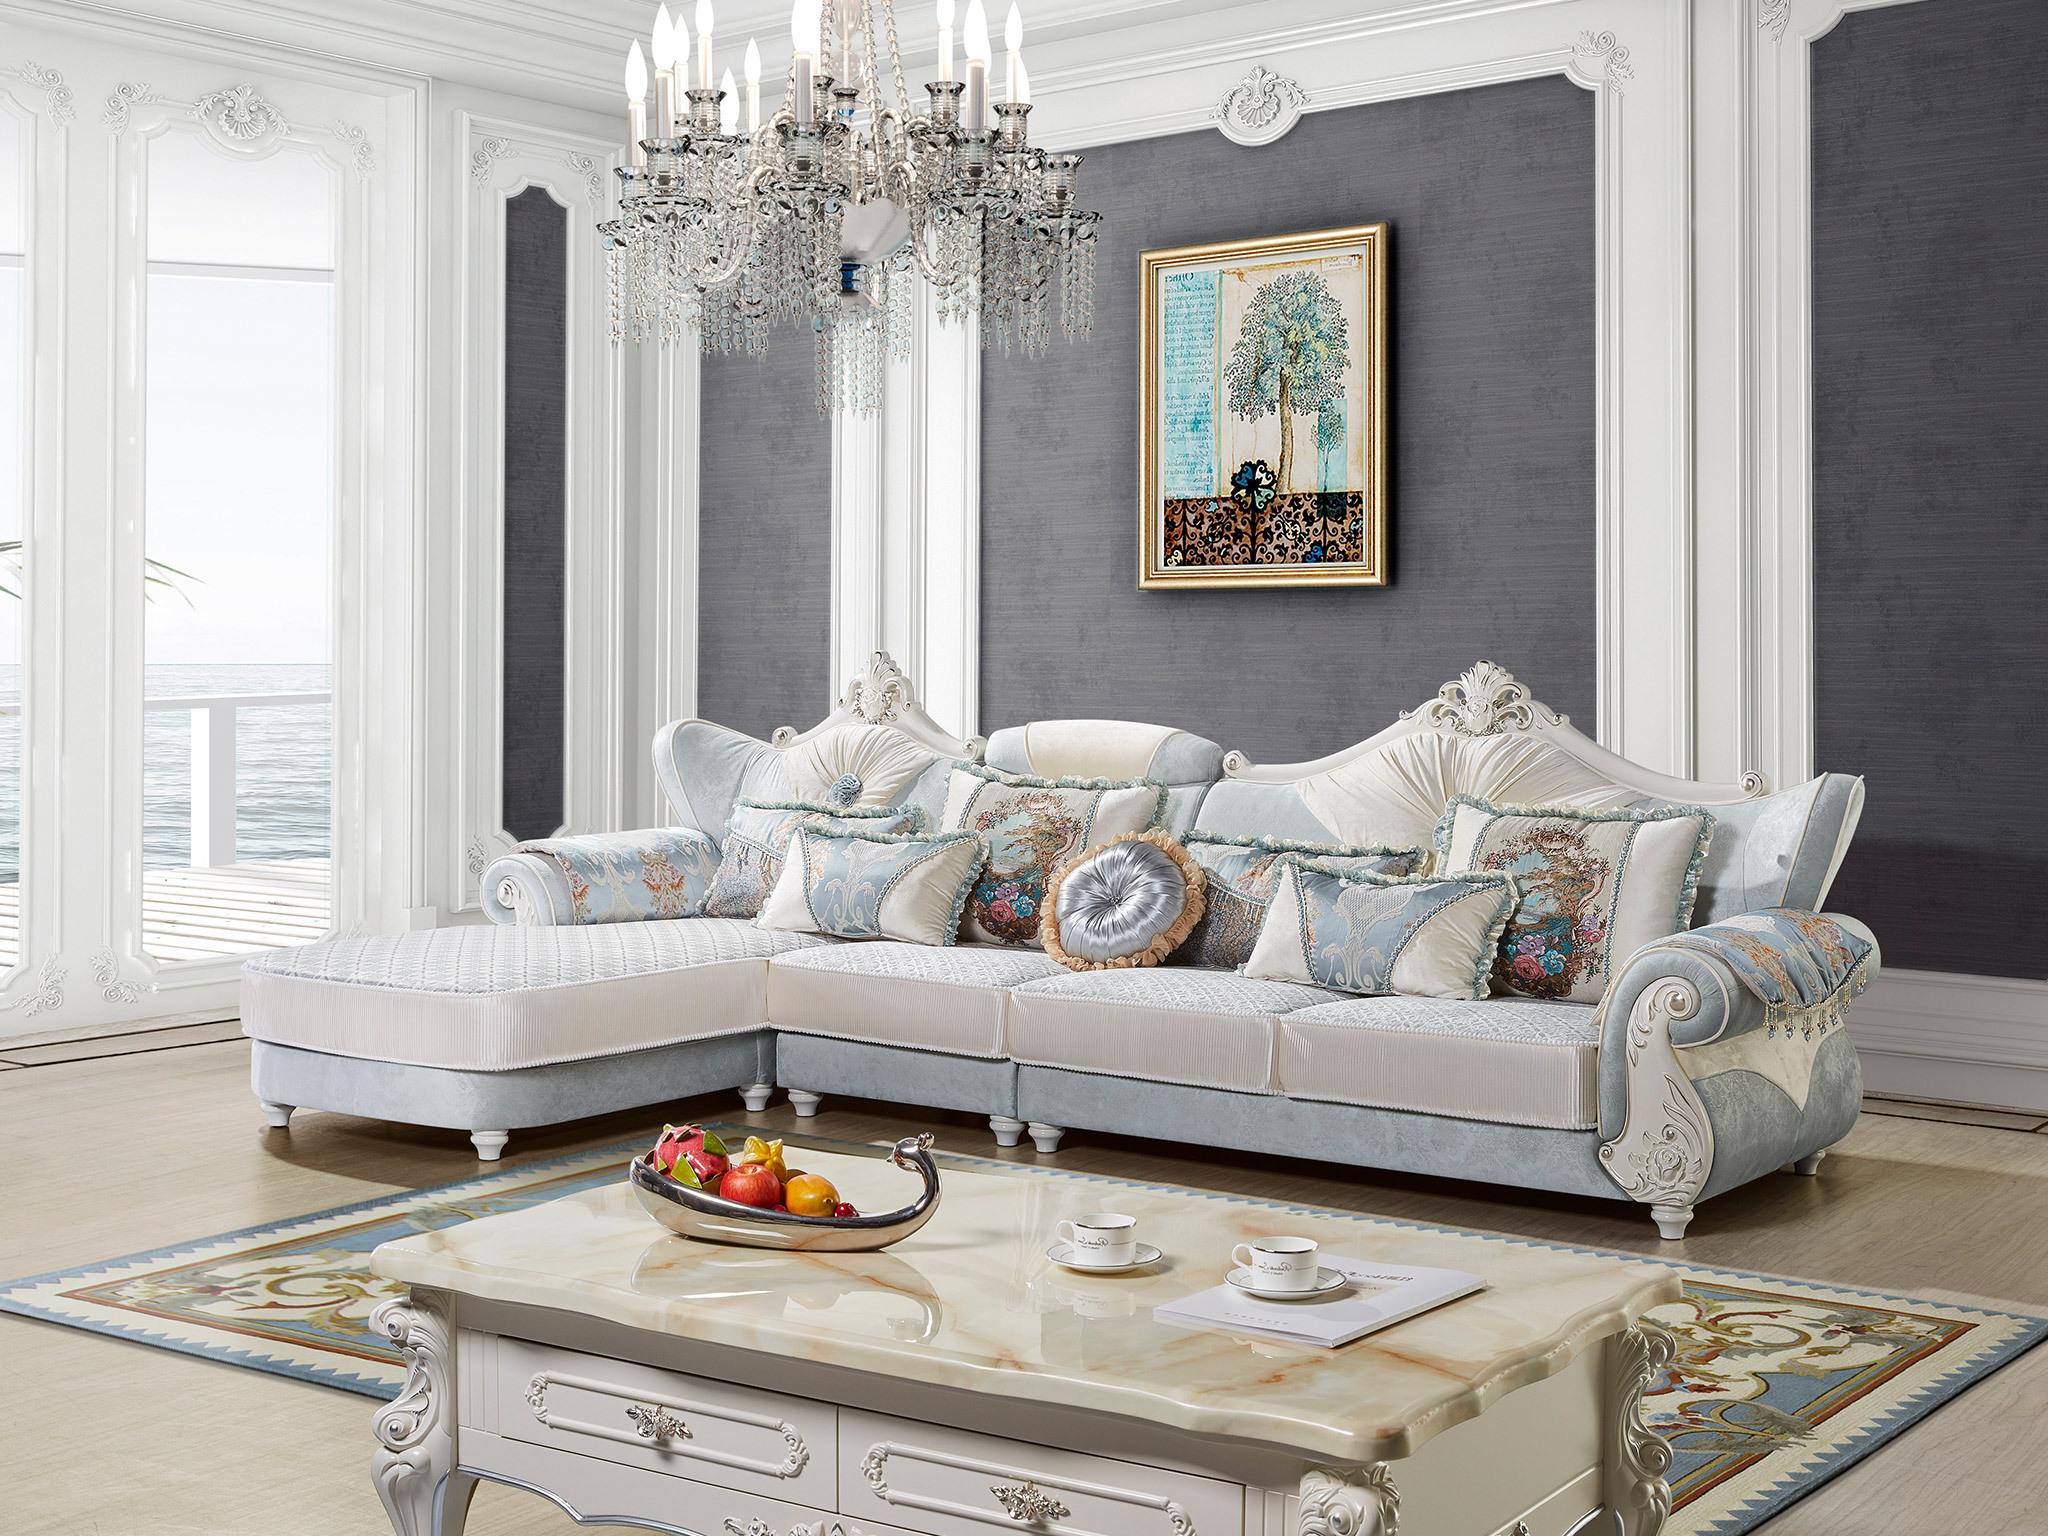 橡胶木沙发脚 欧式印花布靠背 欧式风格转角沙发(1 3 右贵妃)